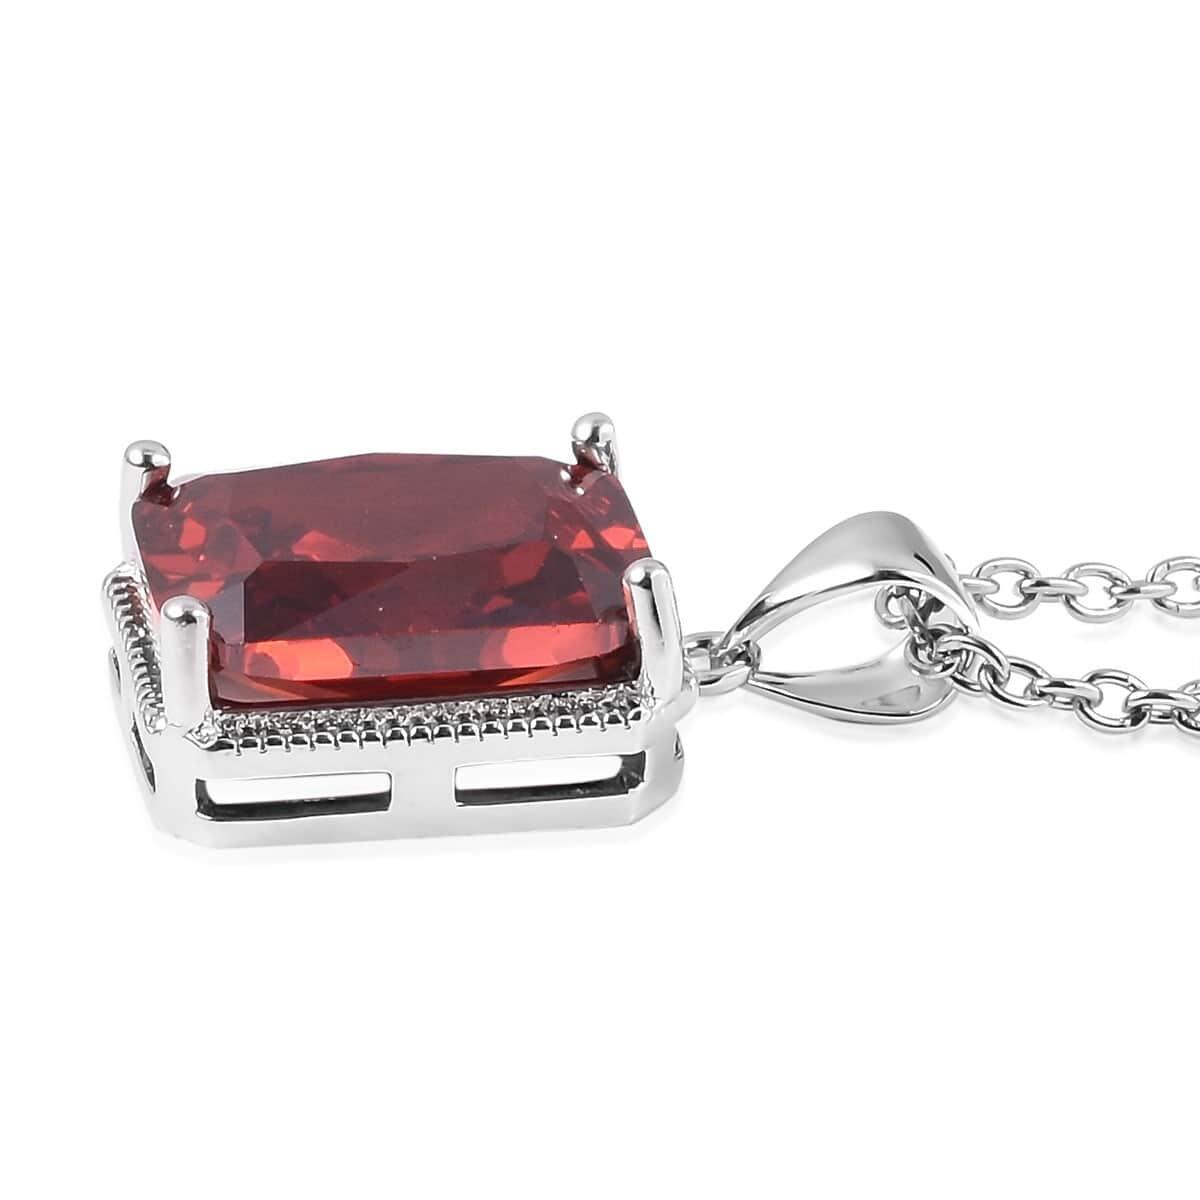 12-Color-Options-Cubic-Zirconia-Bracelet-Chain-Pendant-Necklace-Set-Adjustable thumbnail 85